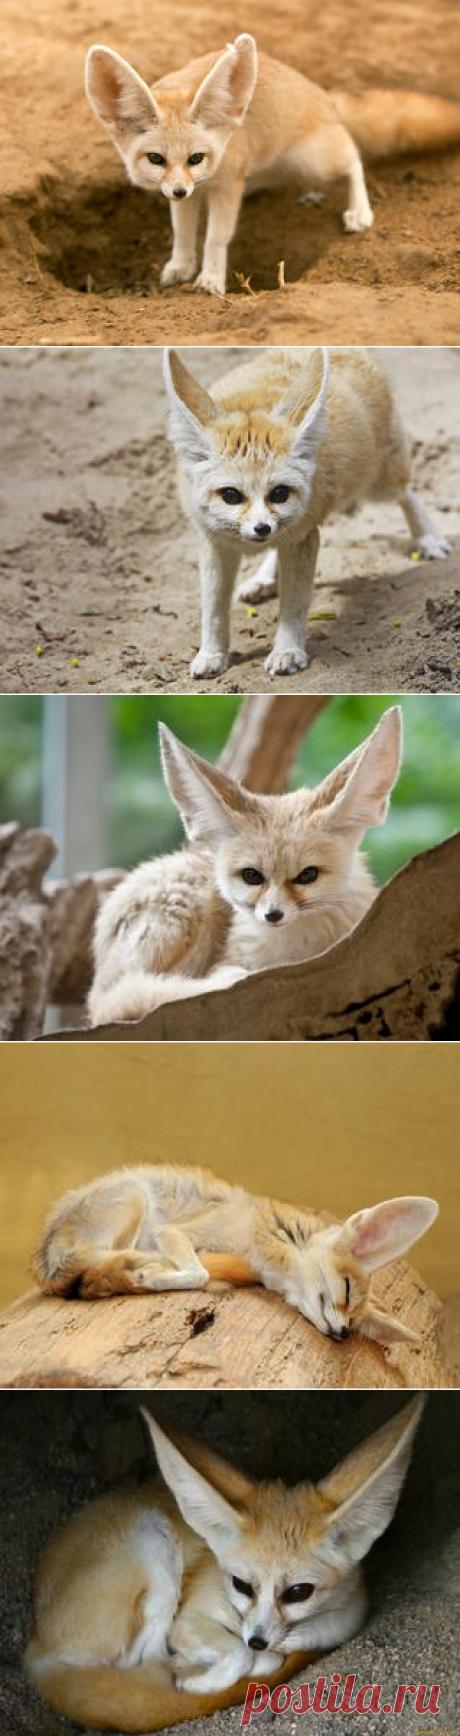 Смотреть изображения фенеков | Зооляндия